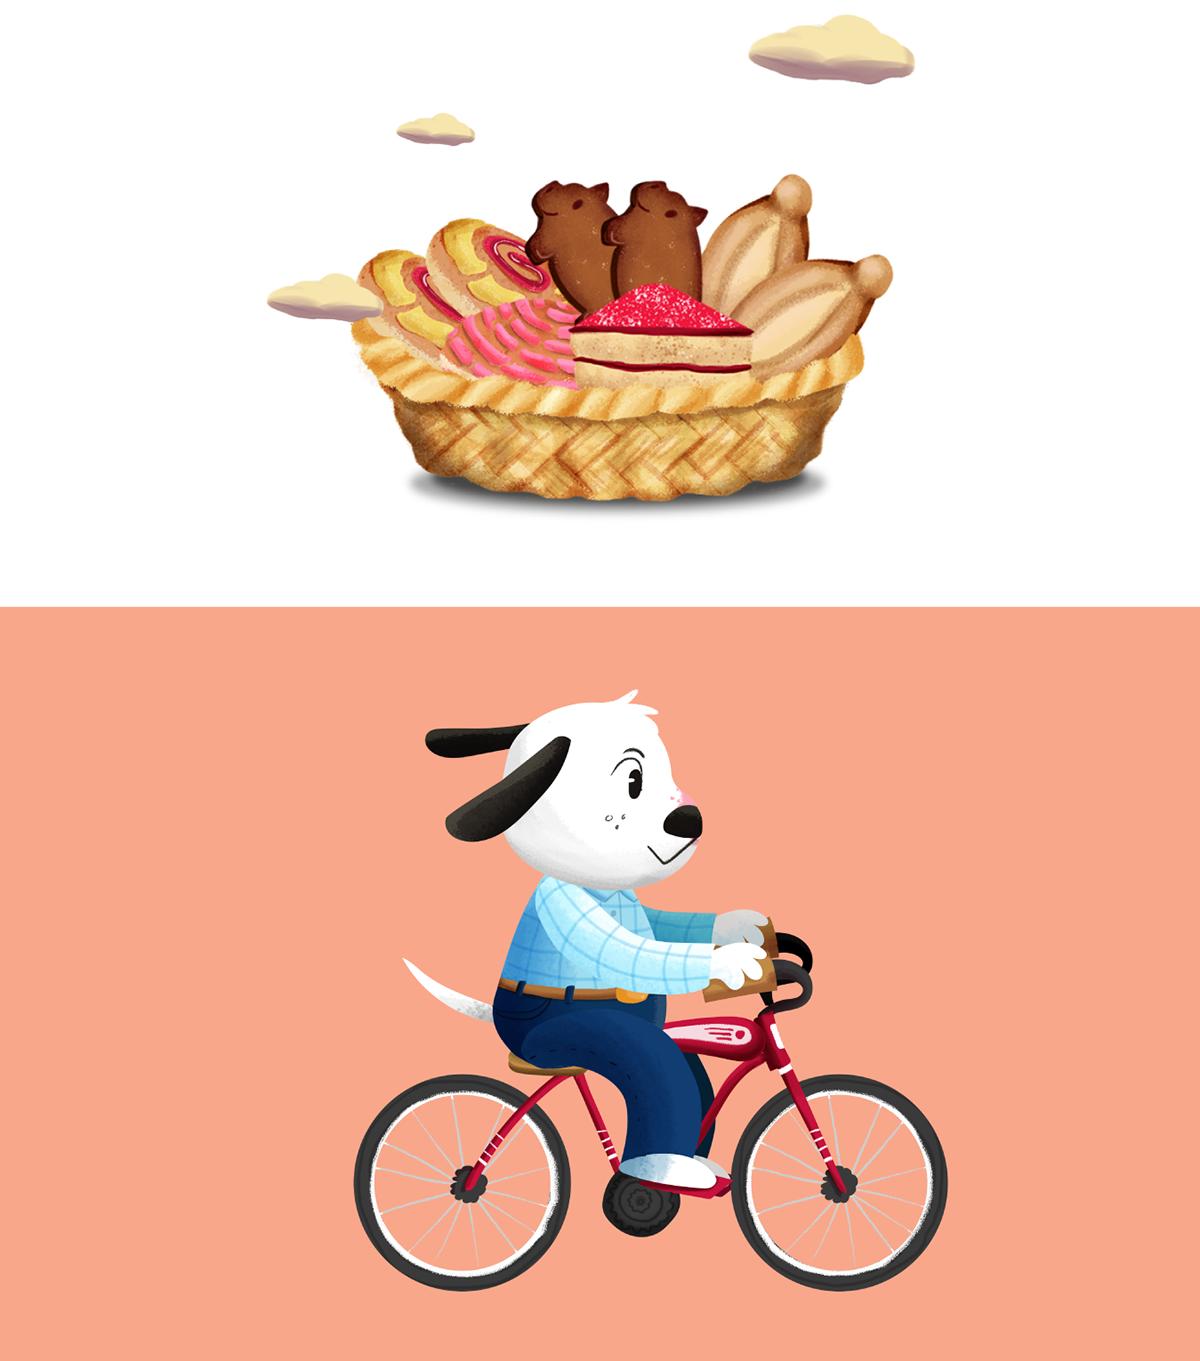 baker bread cartoon cute dog mexico Pan pandero